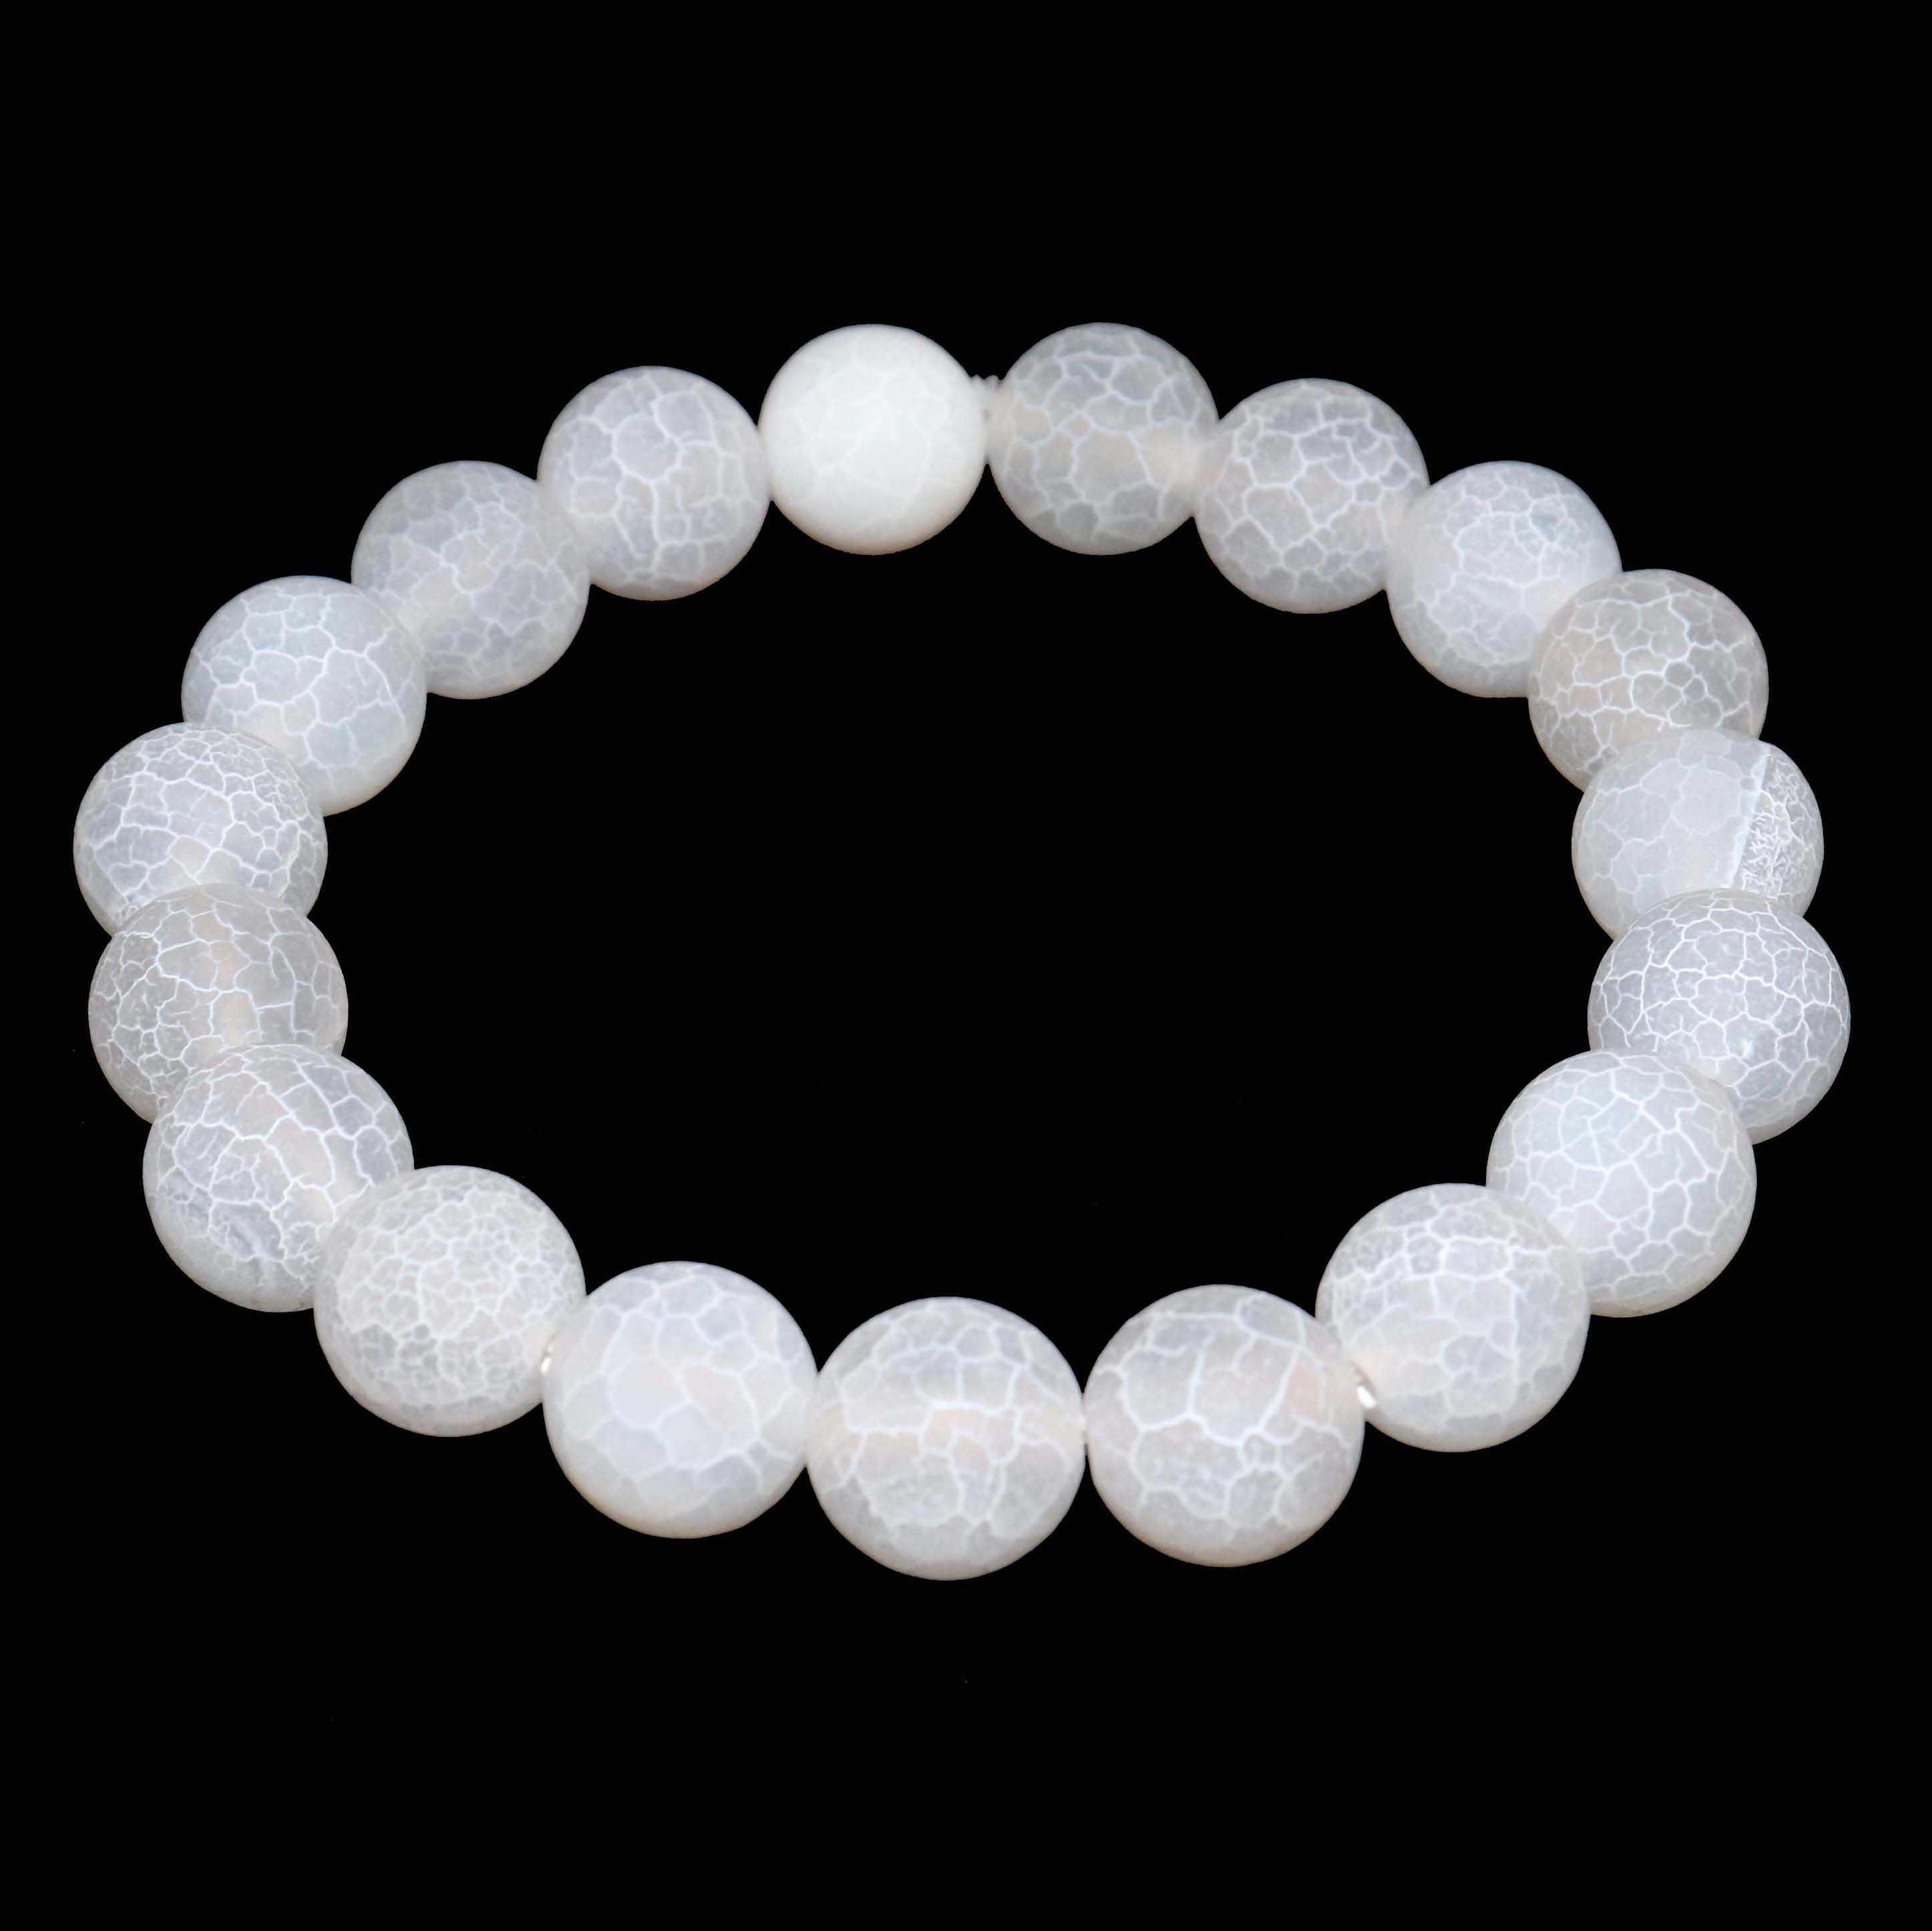 Trasferimento Fortuna 6 8 10 MILLIMETRI Beads In Pietra Naturale Pietre di Vetro di Cristallo Braccialetti Per Le Donne Degli Uomini di Yoga Turchesi Braccialetto Femme regali